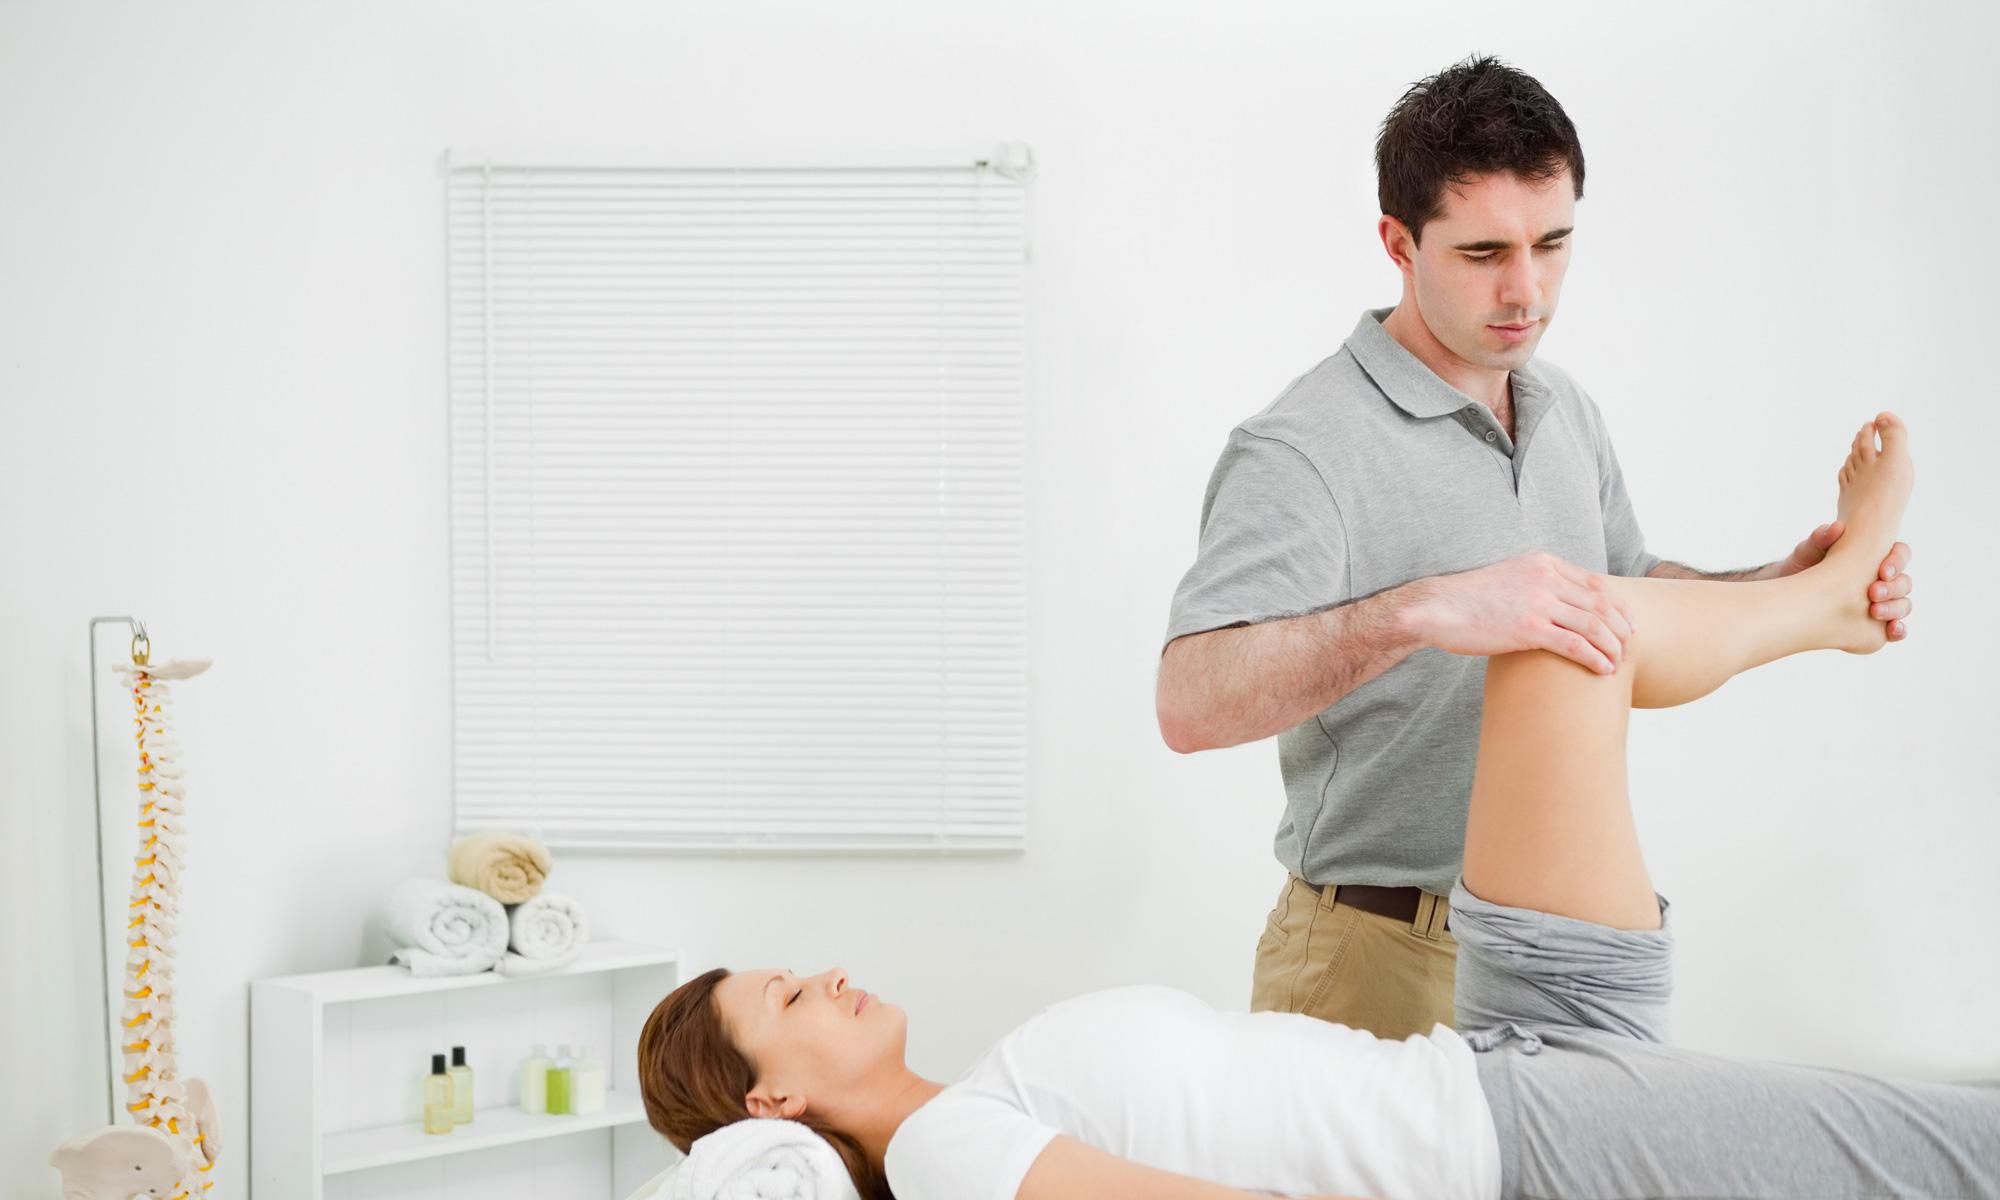 Menschen & Therapie